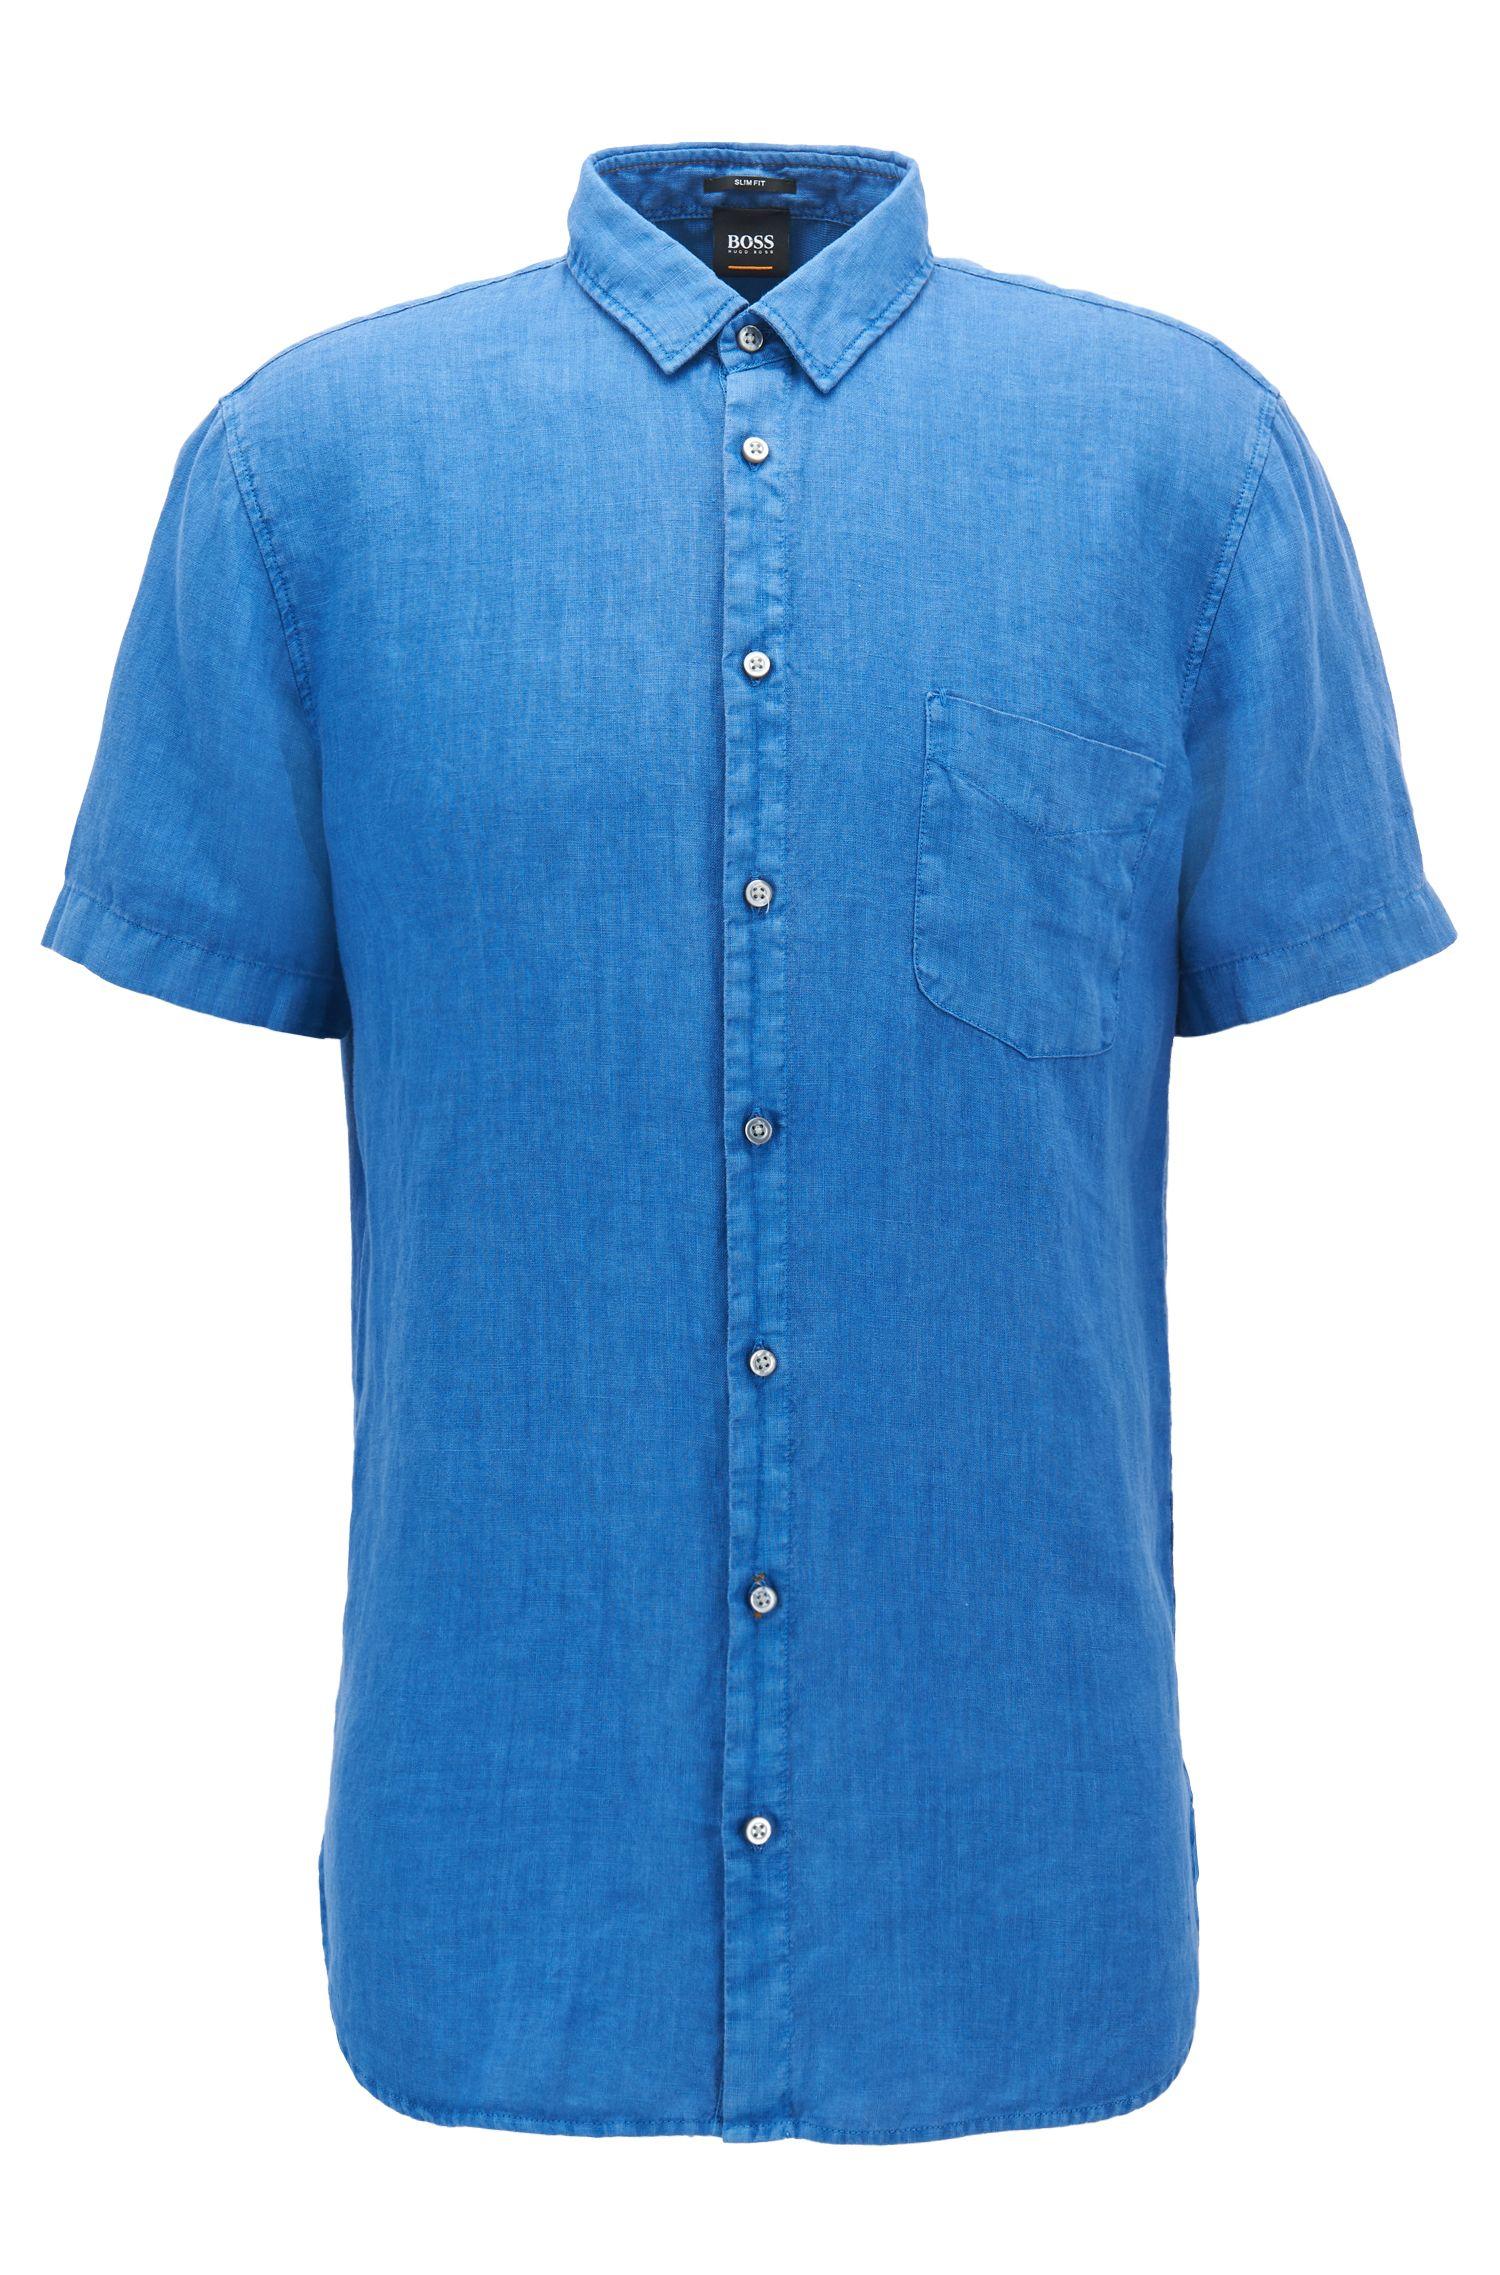 Pigmentgefärbtes Slim-Fit Kurzarm-Hemd aus Leinen